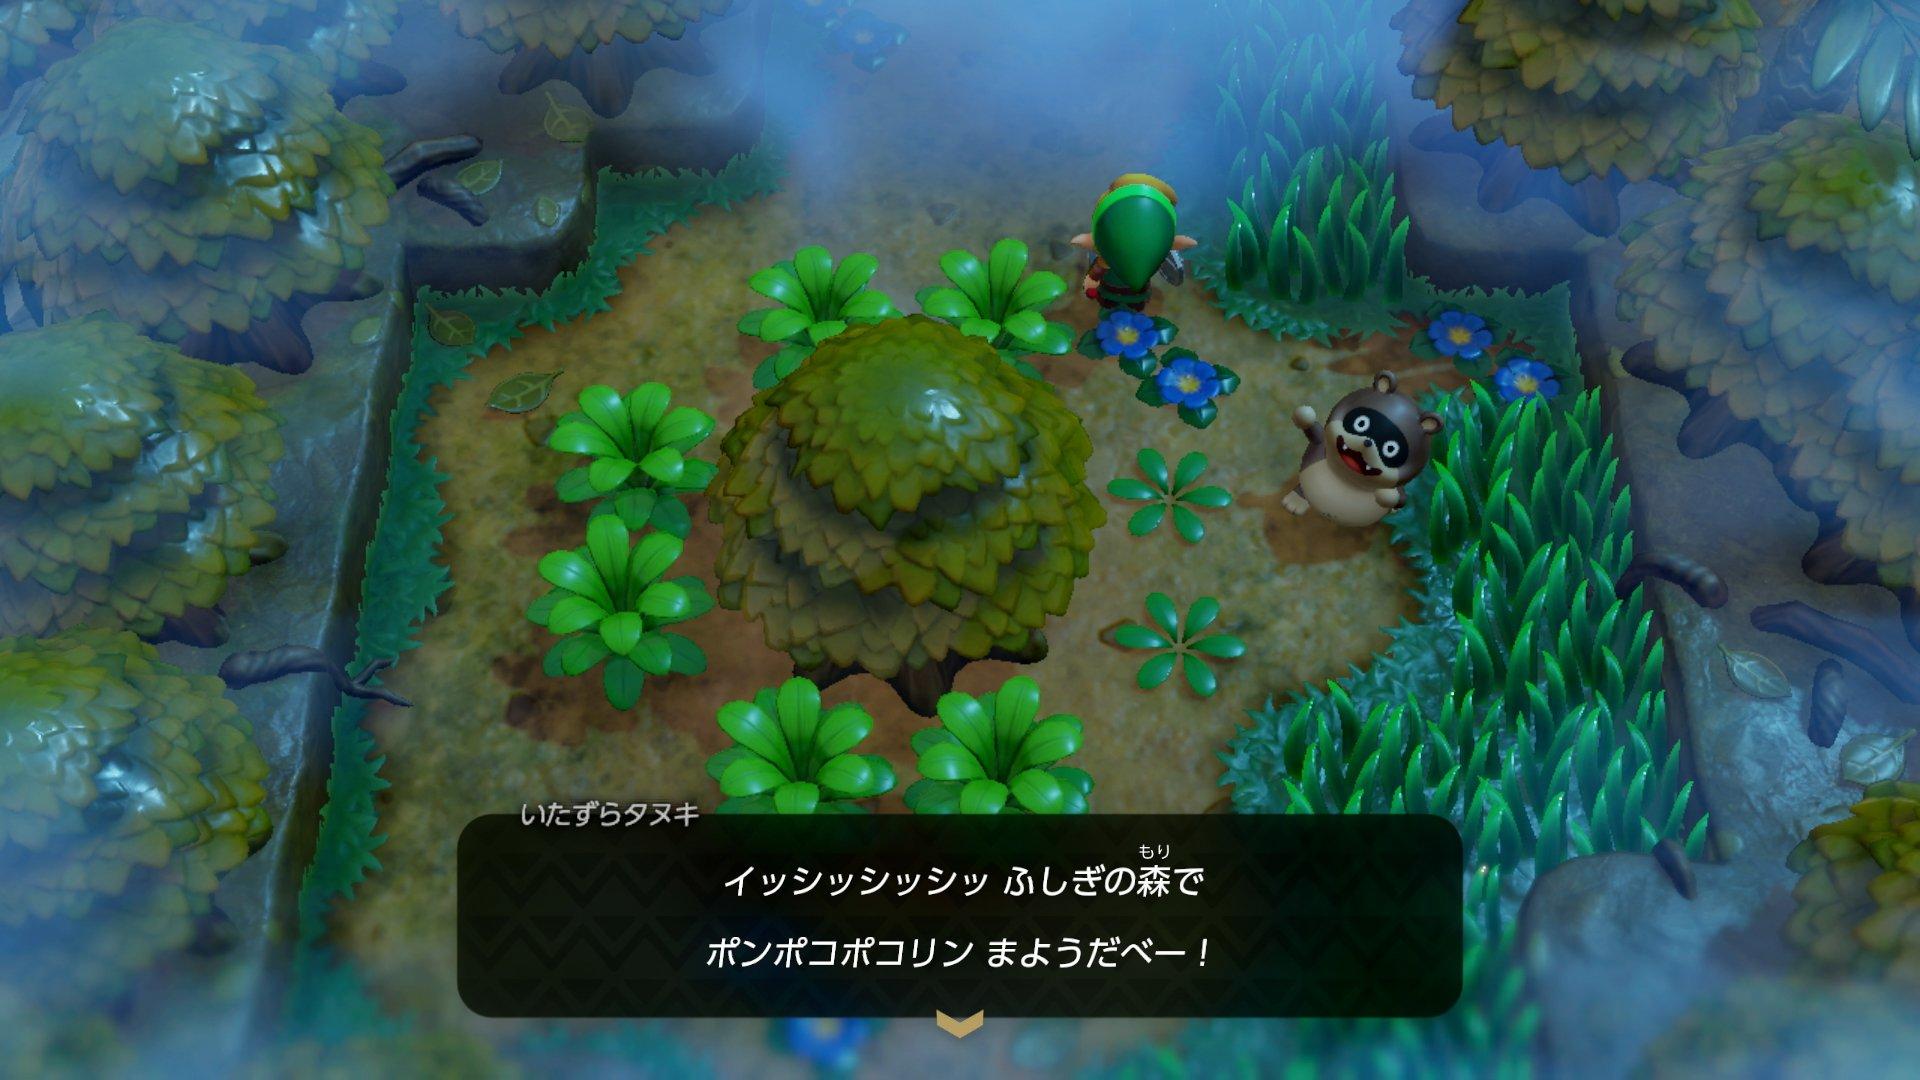 神秘岛屿大冒险 《塞尔达传说:织梦岛》游戏特性演示